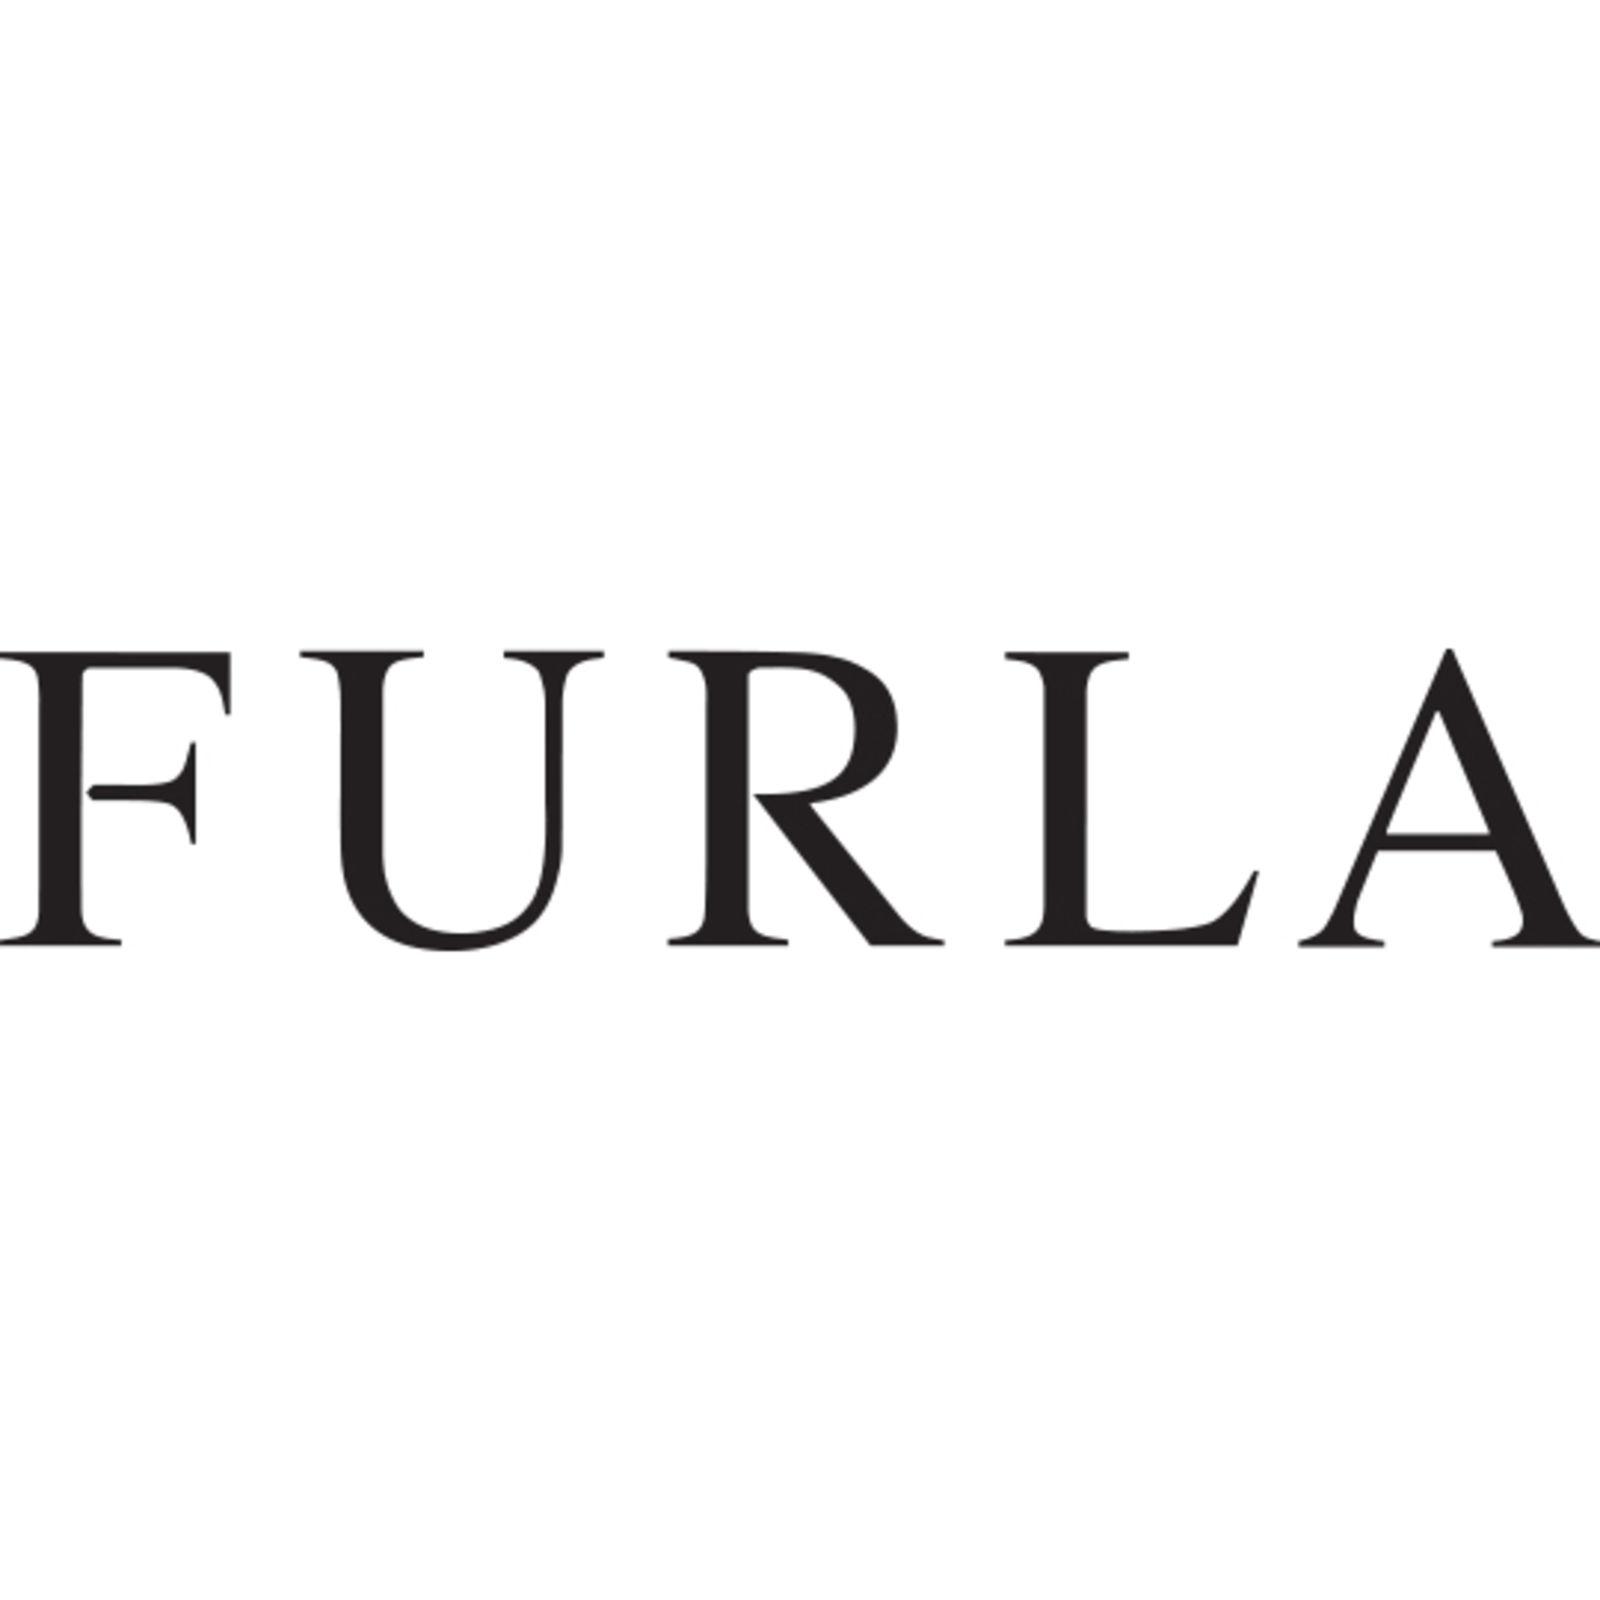 FURLA (Imagen 1)